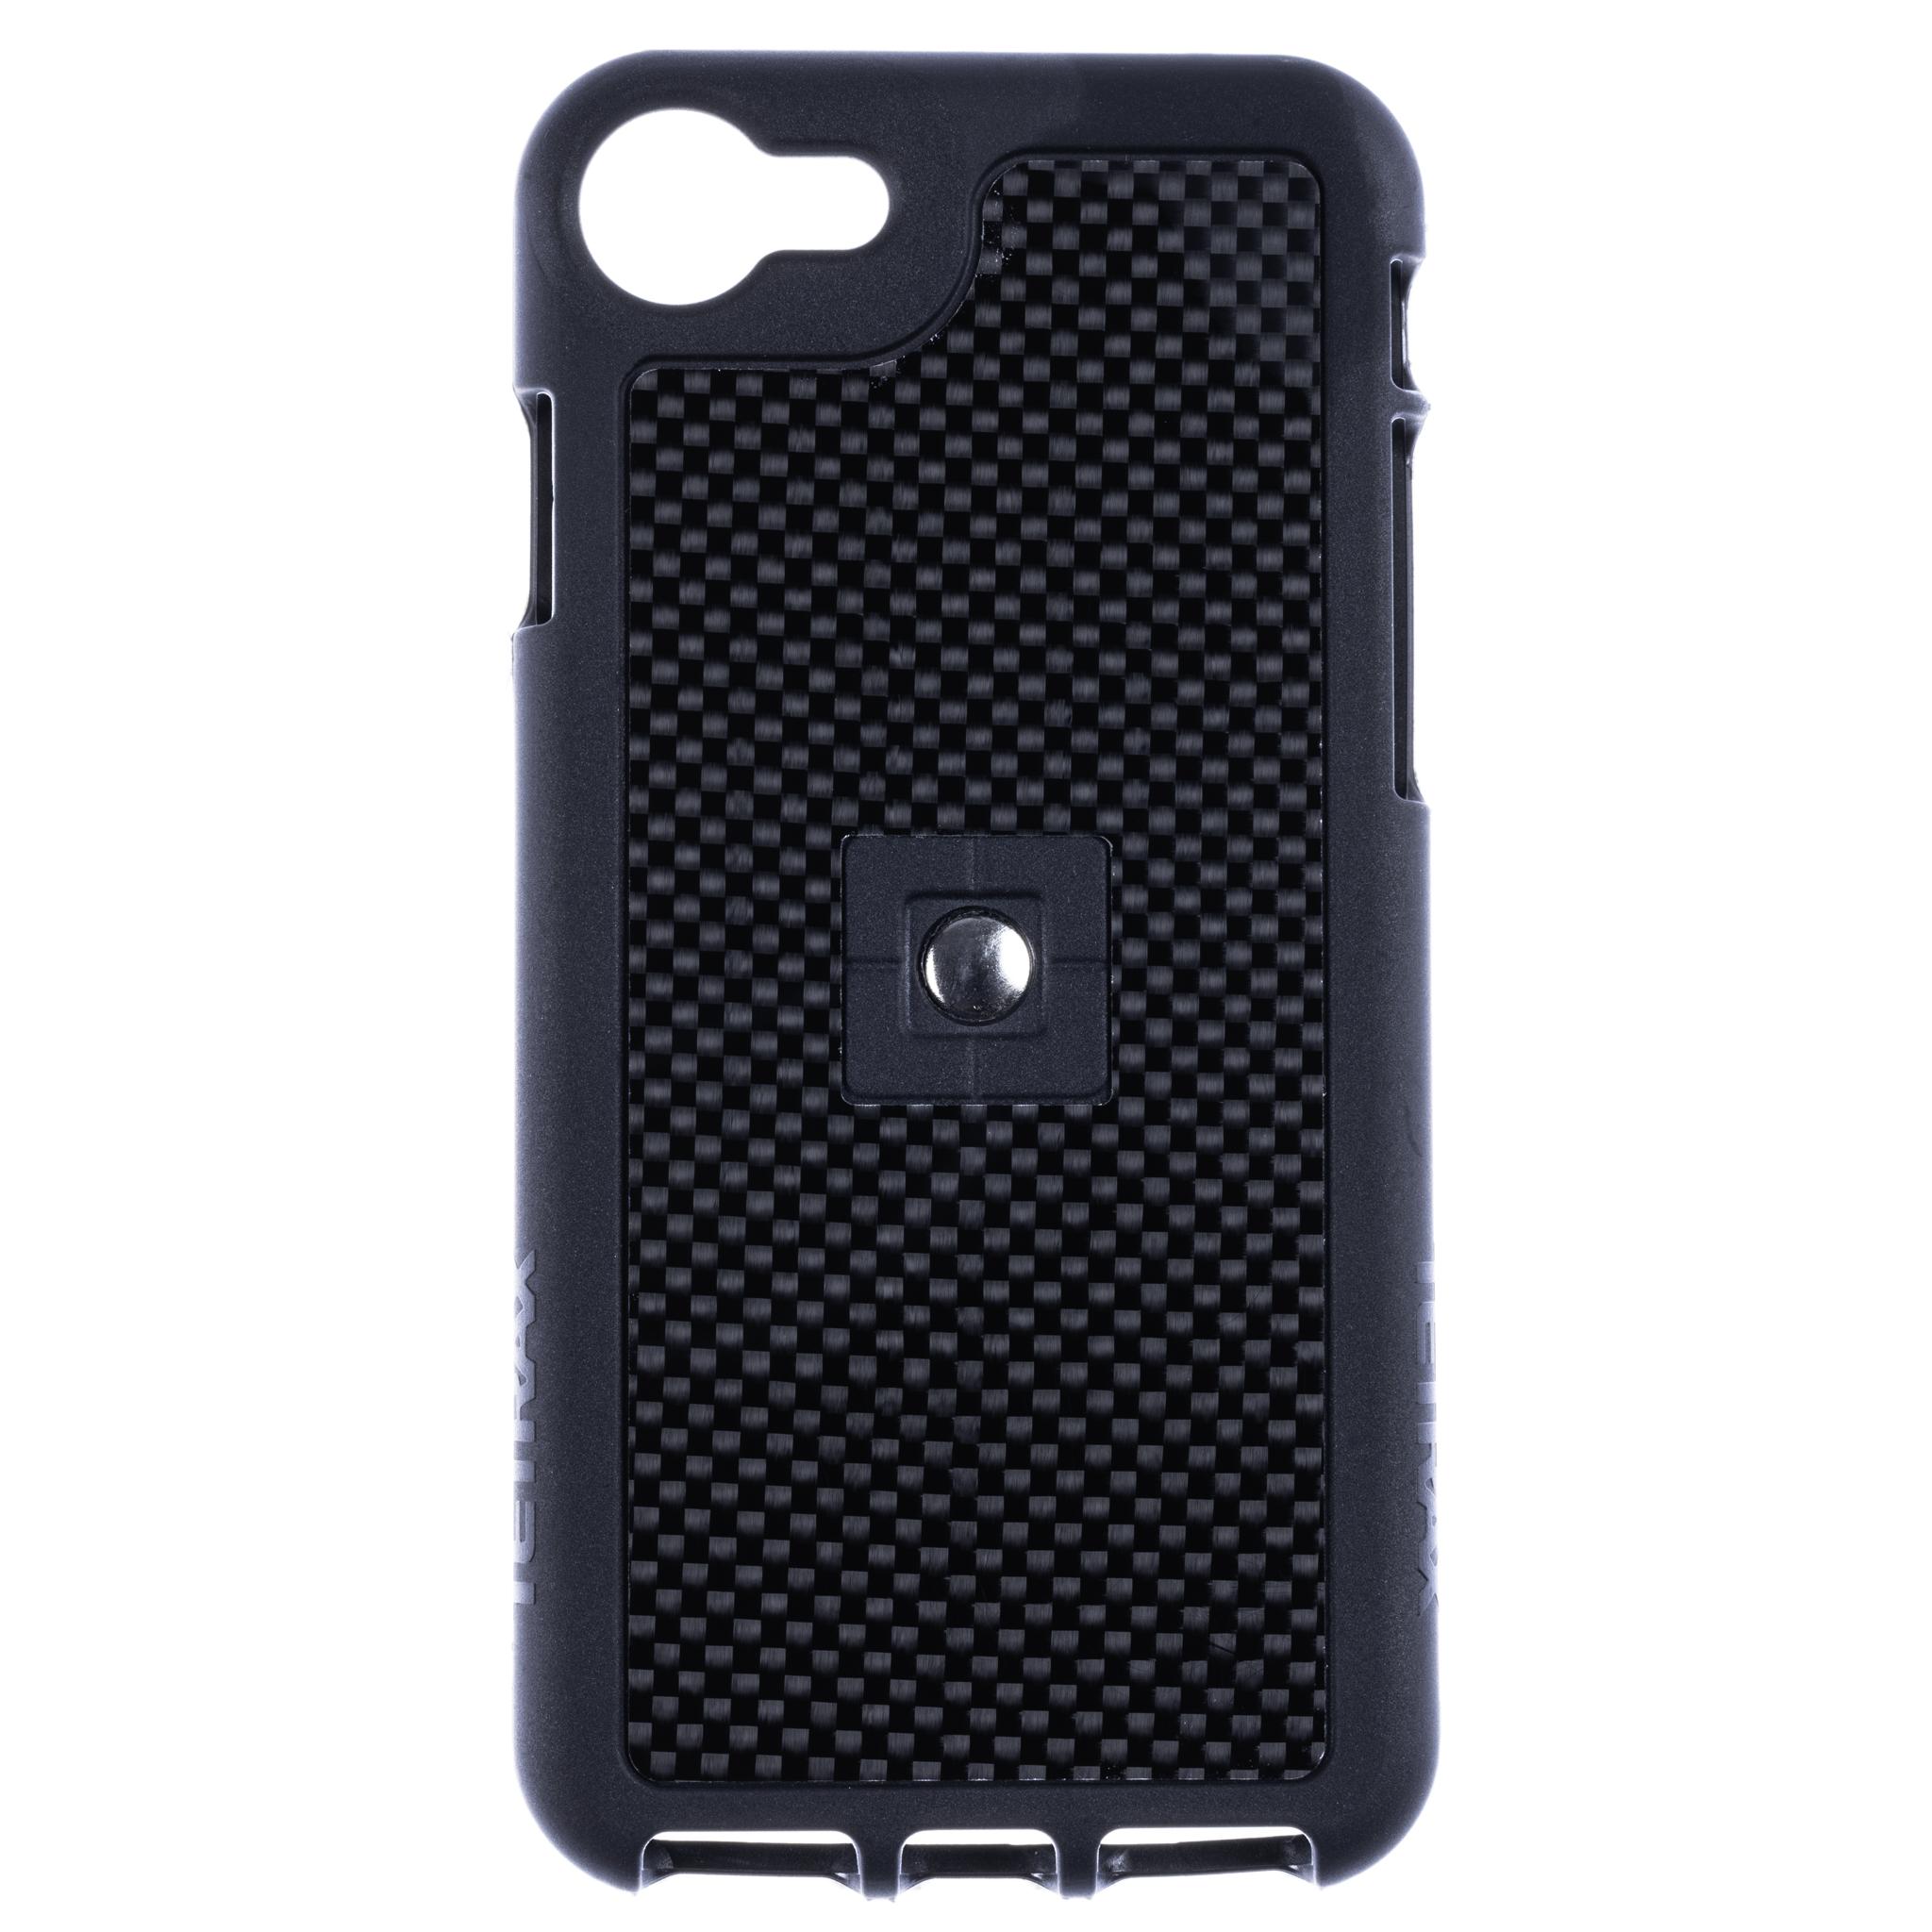 iPhone 7-8 Carbon Fibre Case with Clip